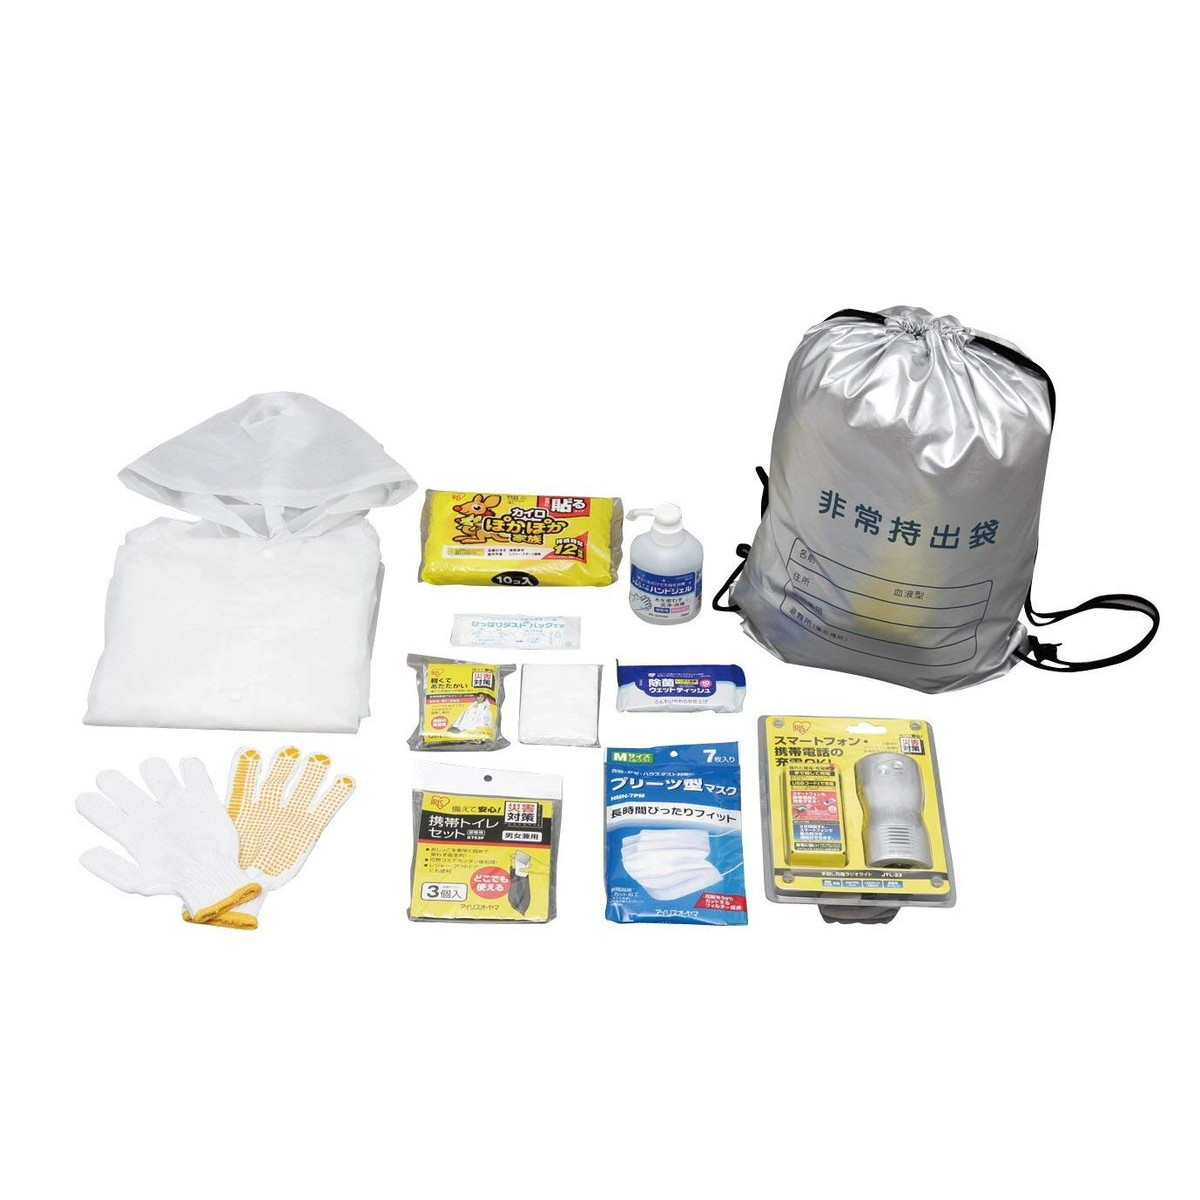 アイリスオーヤマ 防災グッズ 避難袋 12点セット 防炎加工 HFS-12【クーポン配布中】